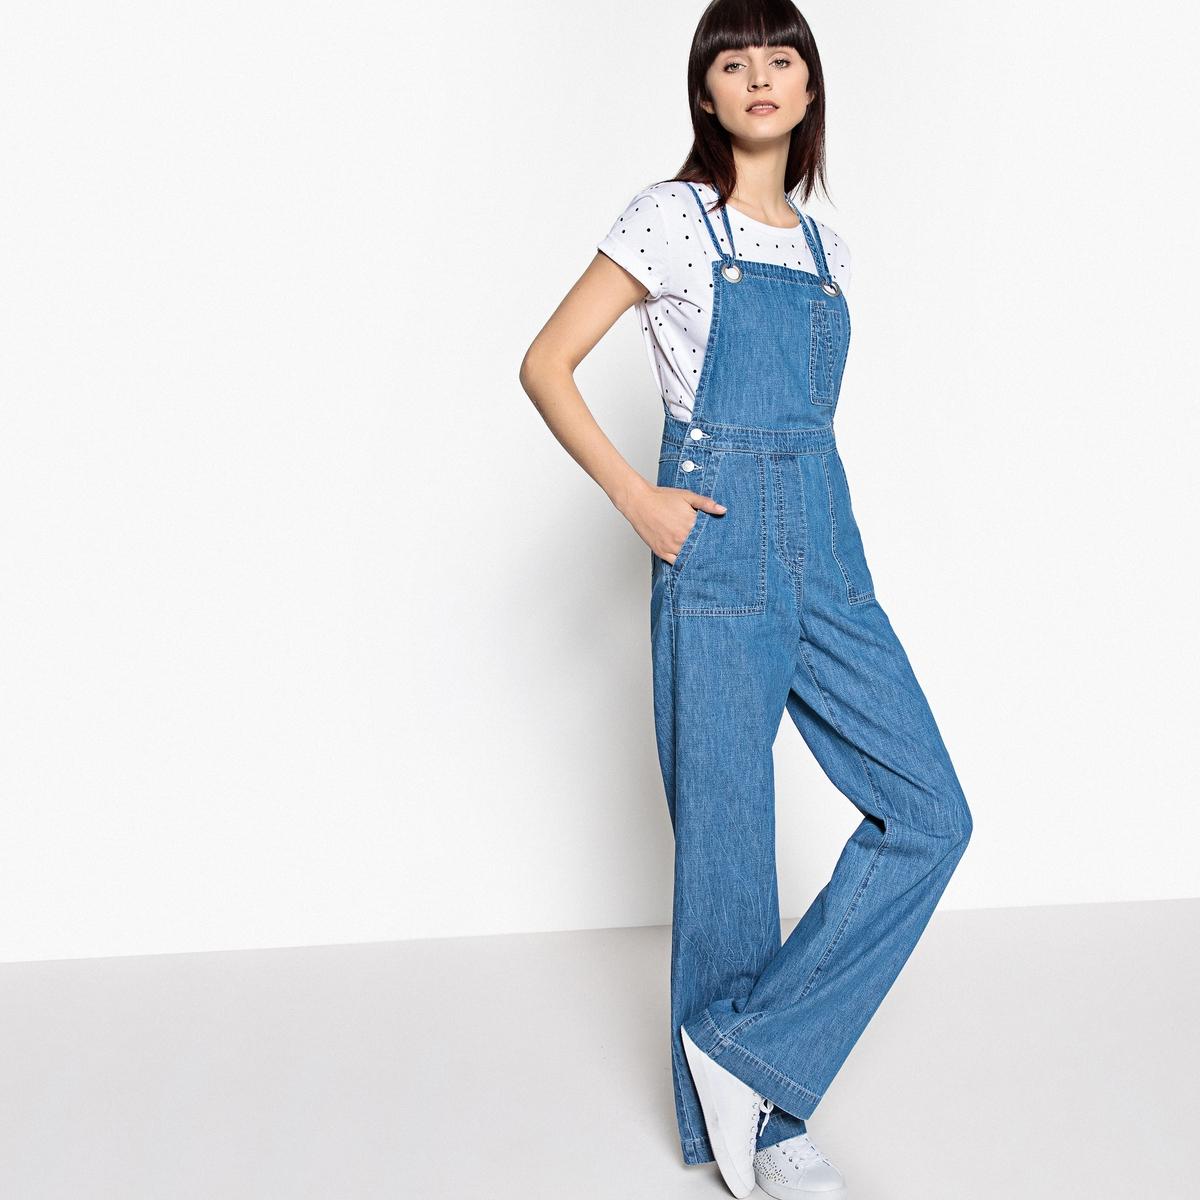 Комбинезон широкого покроя из джинсовой ткани с перекрещивающимися бретелями